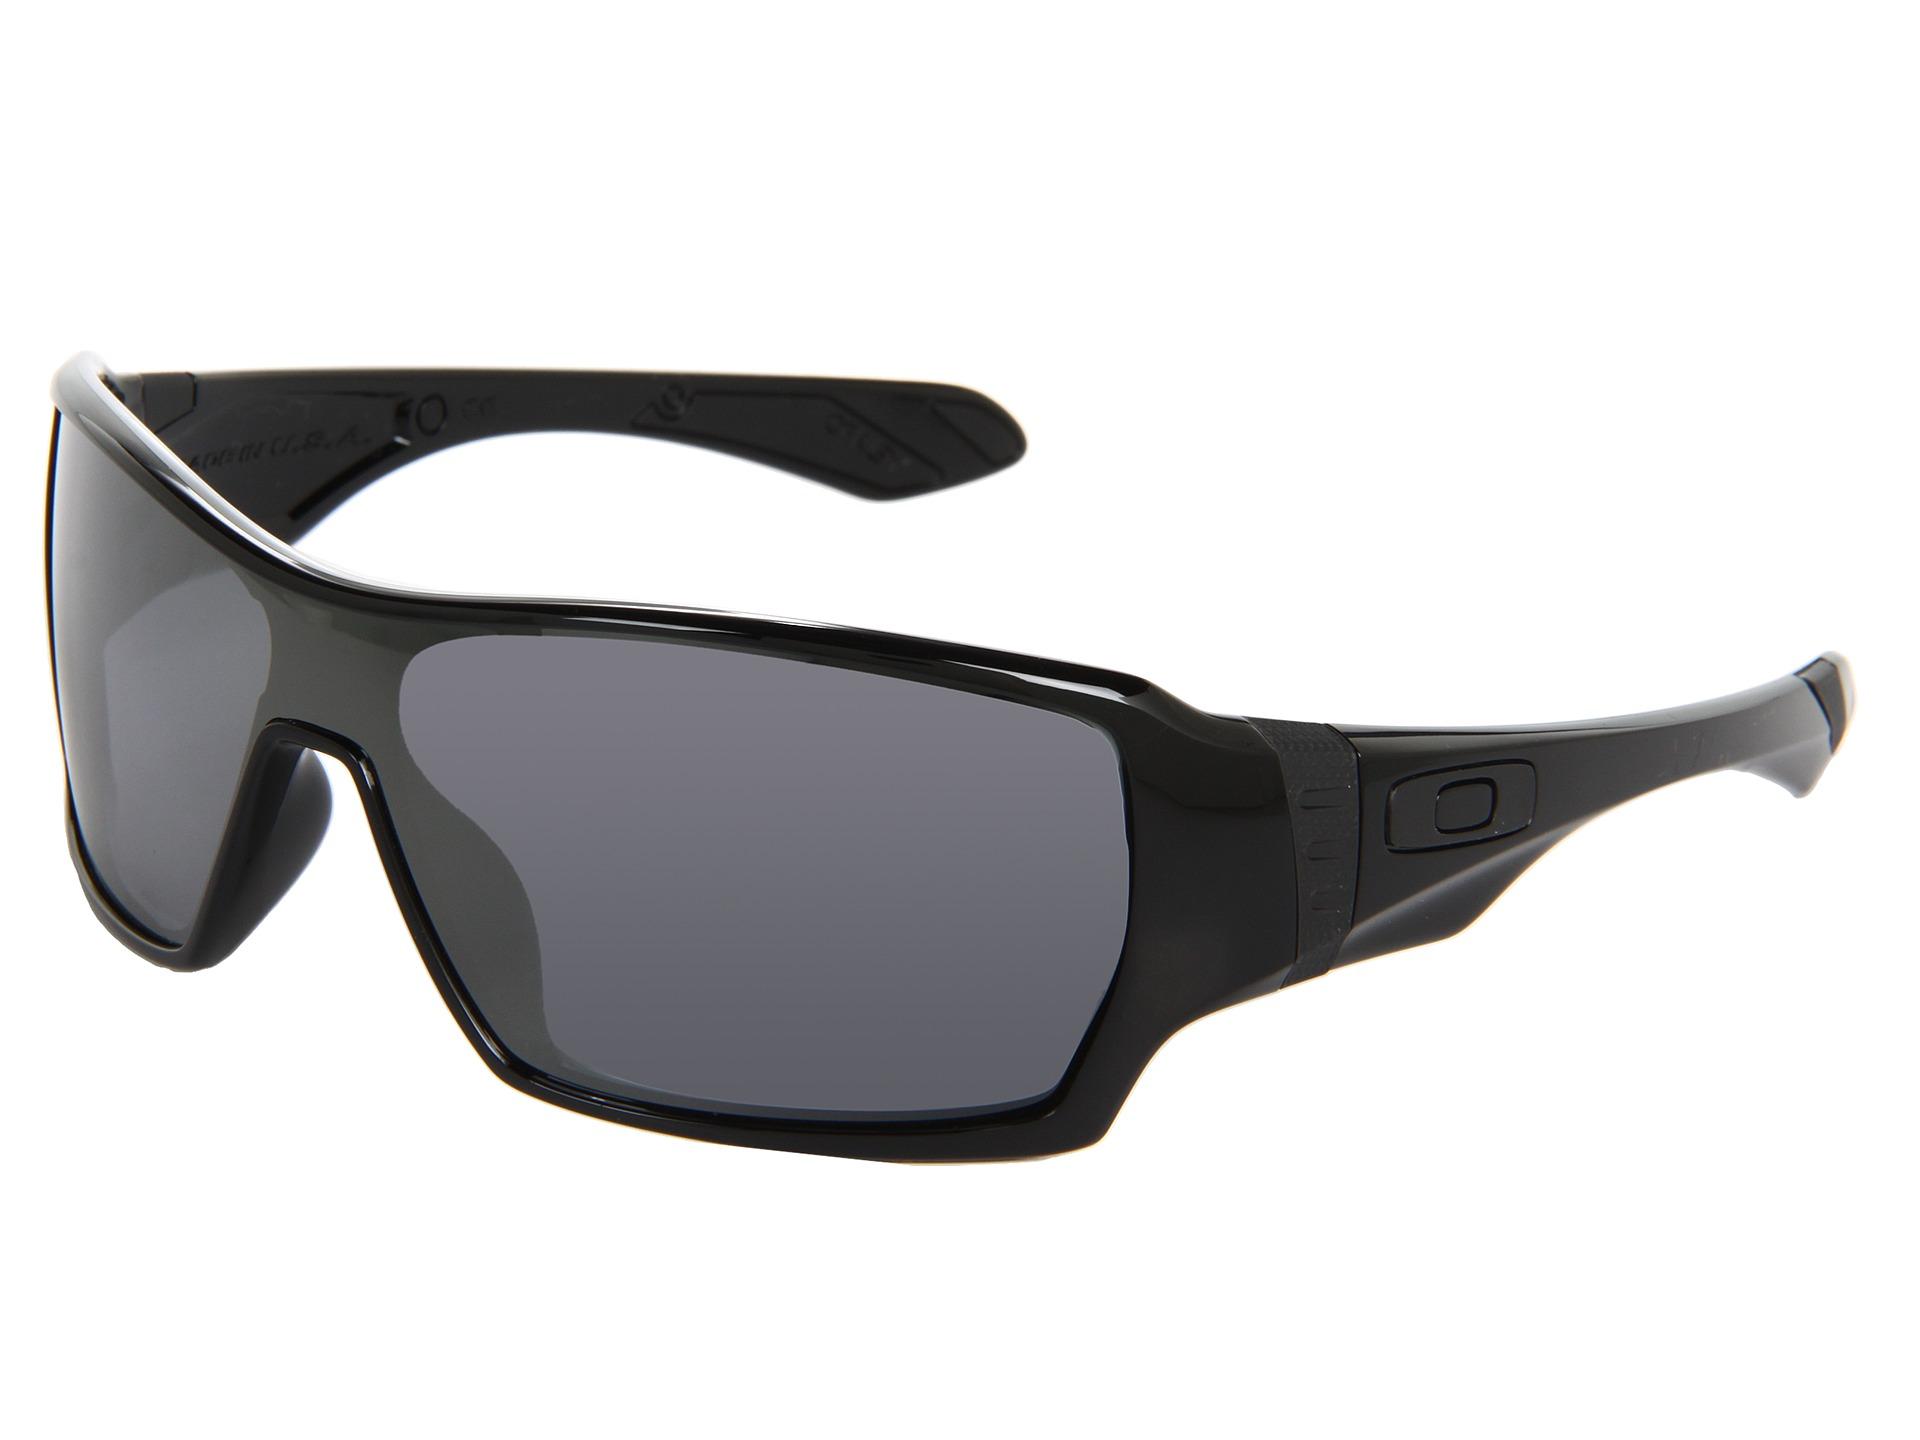 f7a0c9e4ed Oakley Shaun White Limited Edition